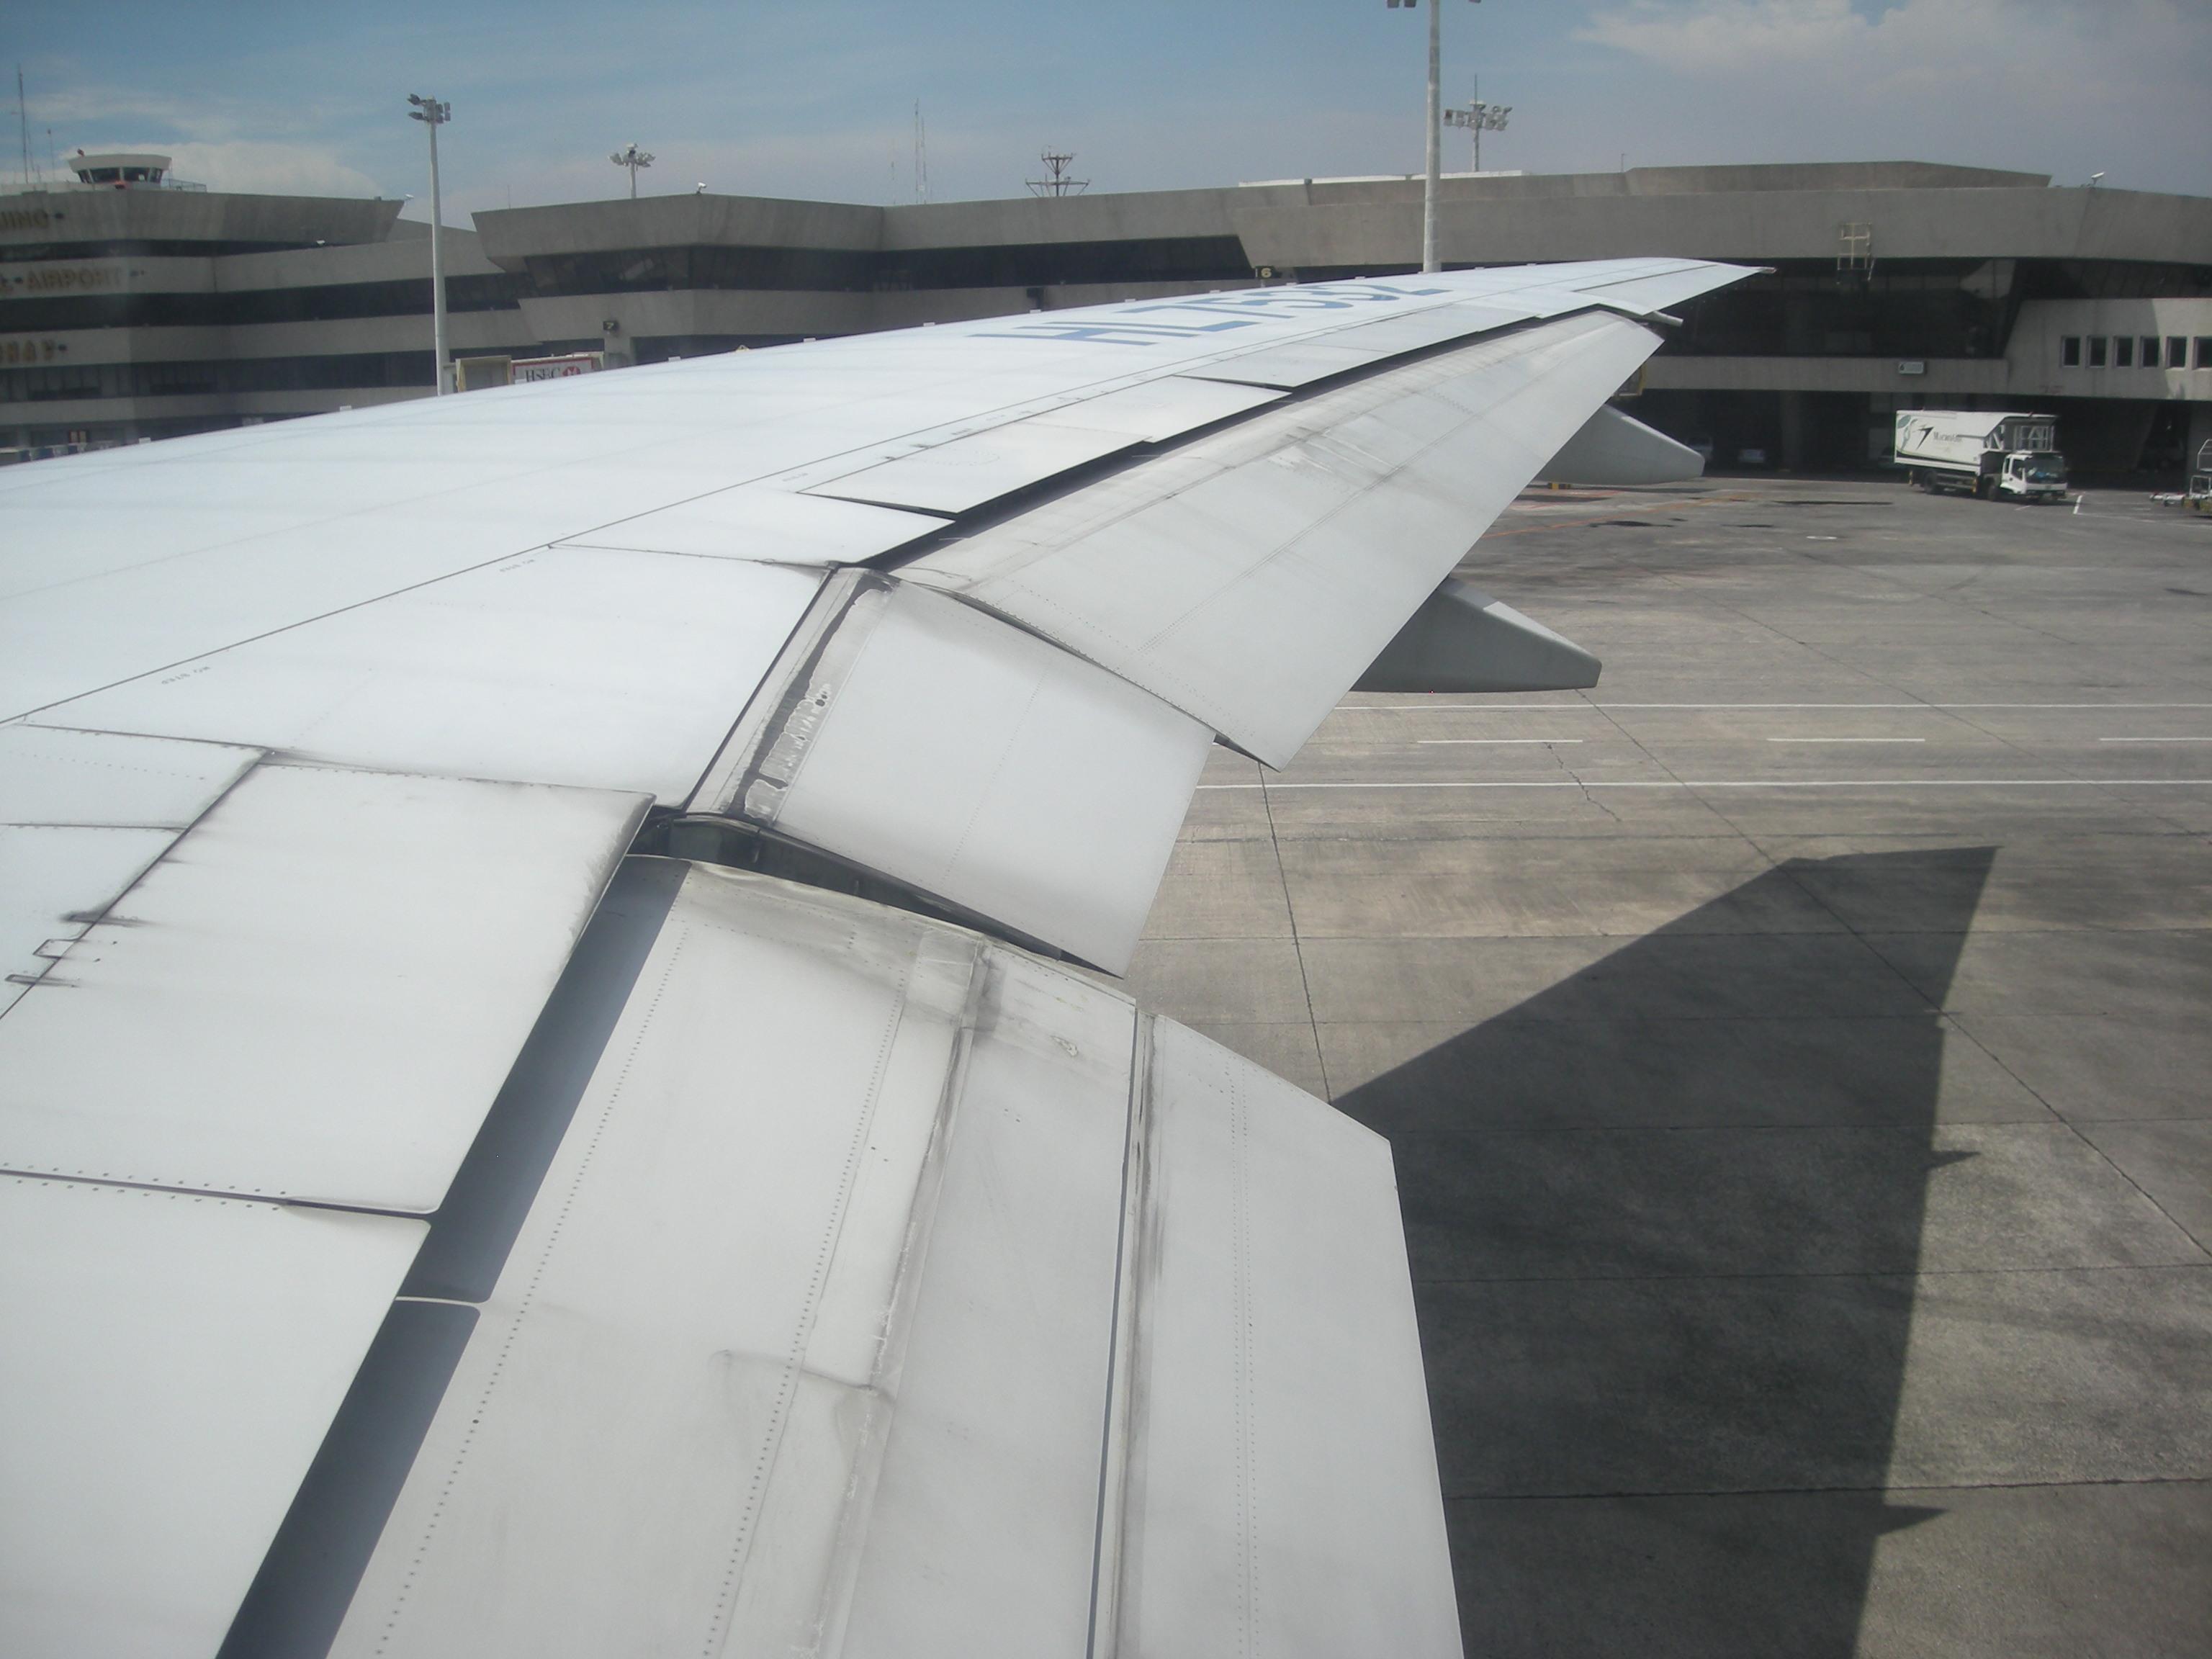 ふらふらと海外旅行 : 飛行機大好き 韓国経由フィリピンマニラ